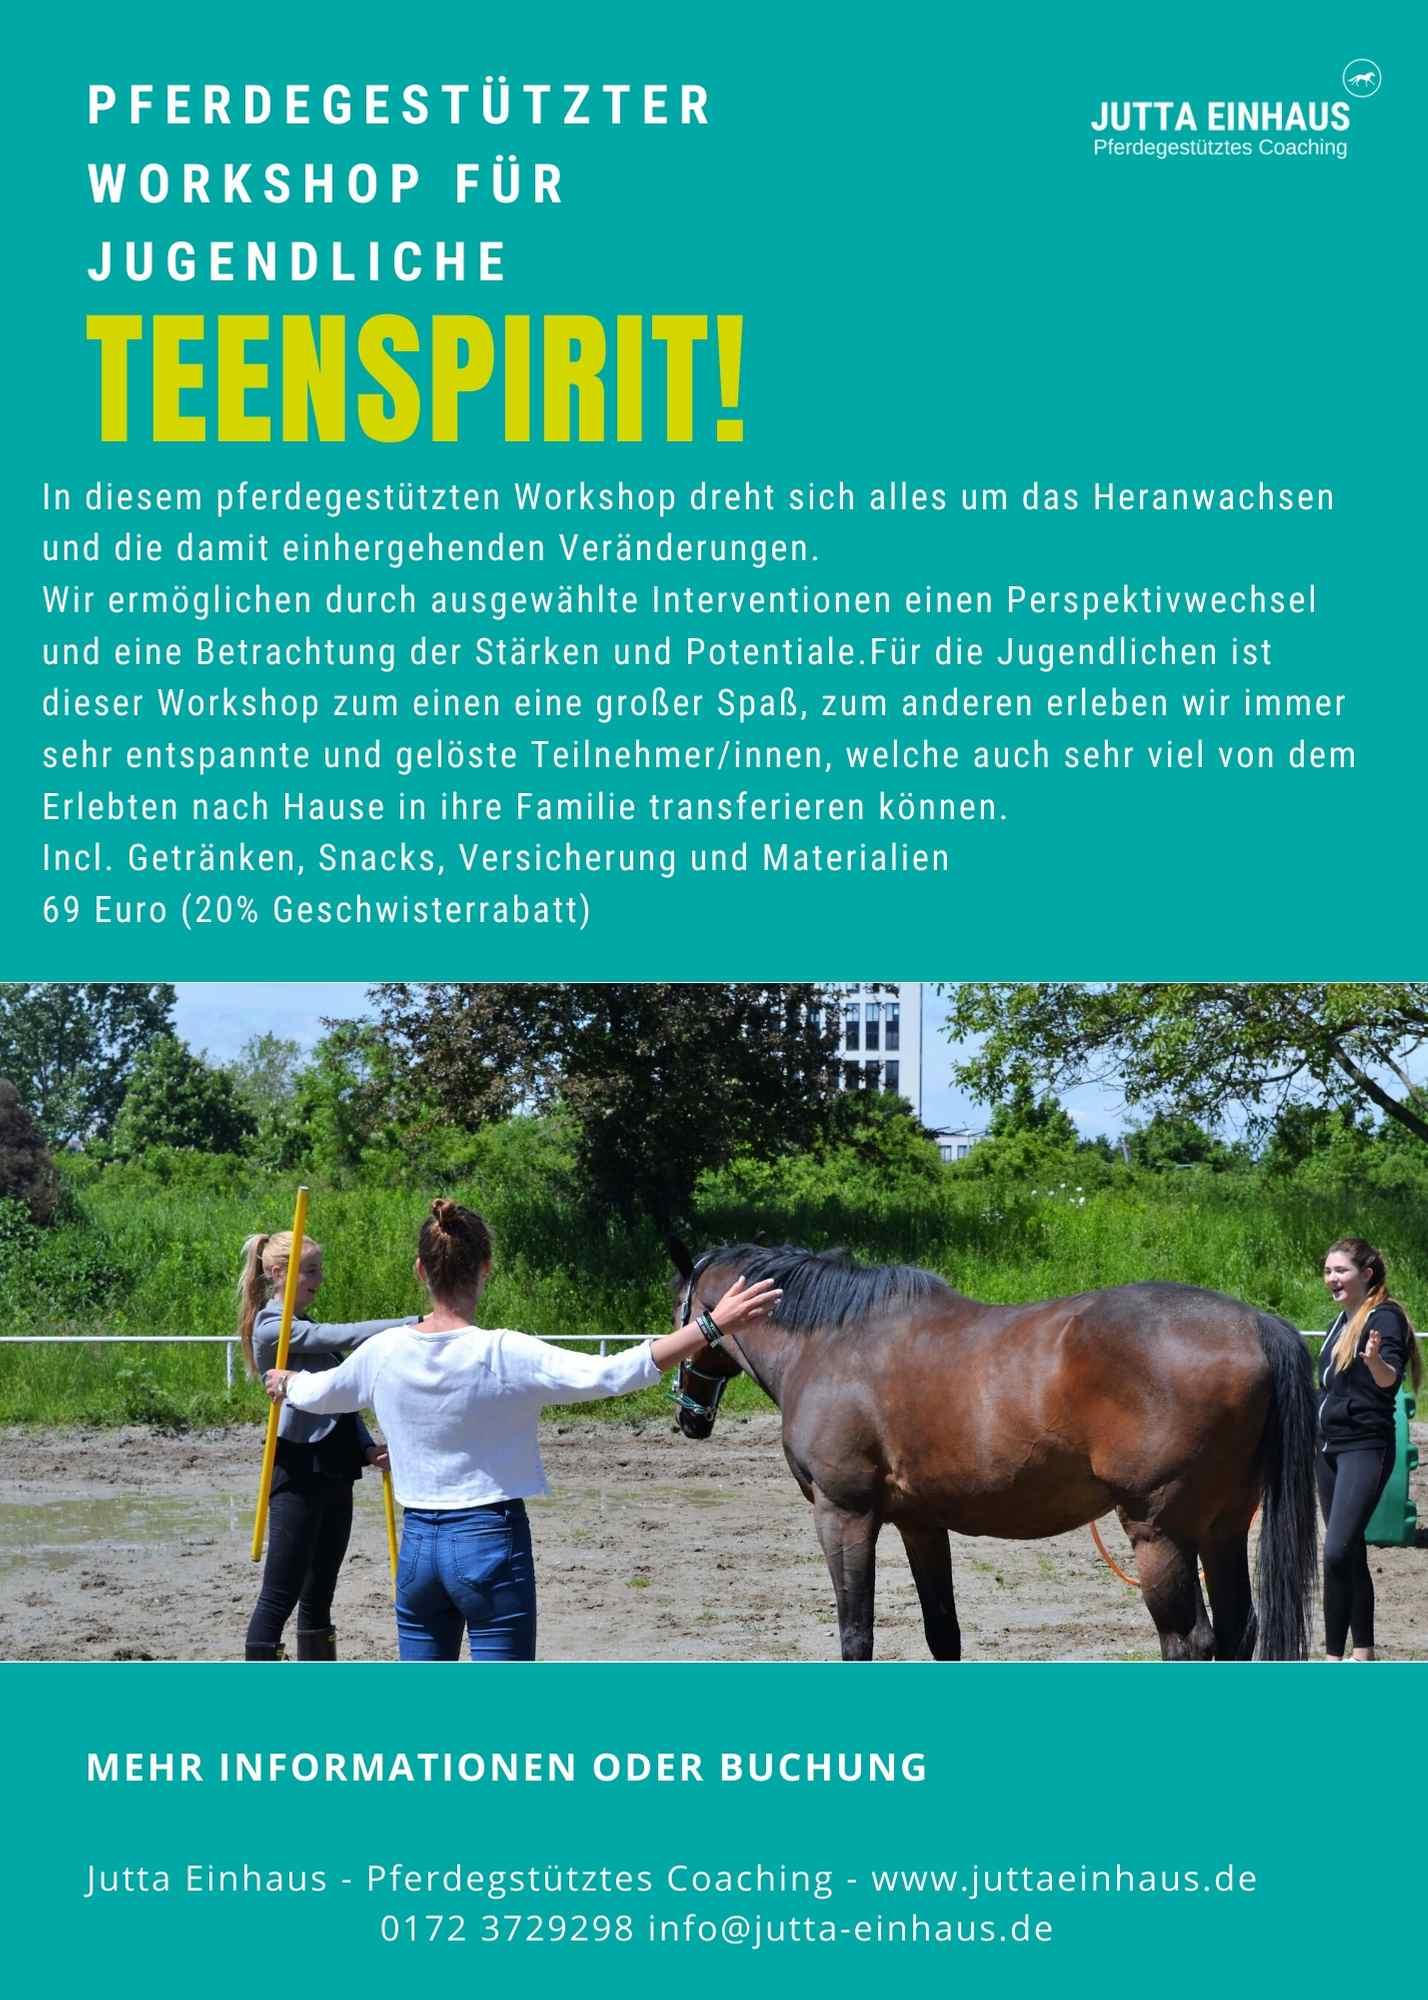 Pferdegestützt Workshop (1)